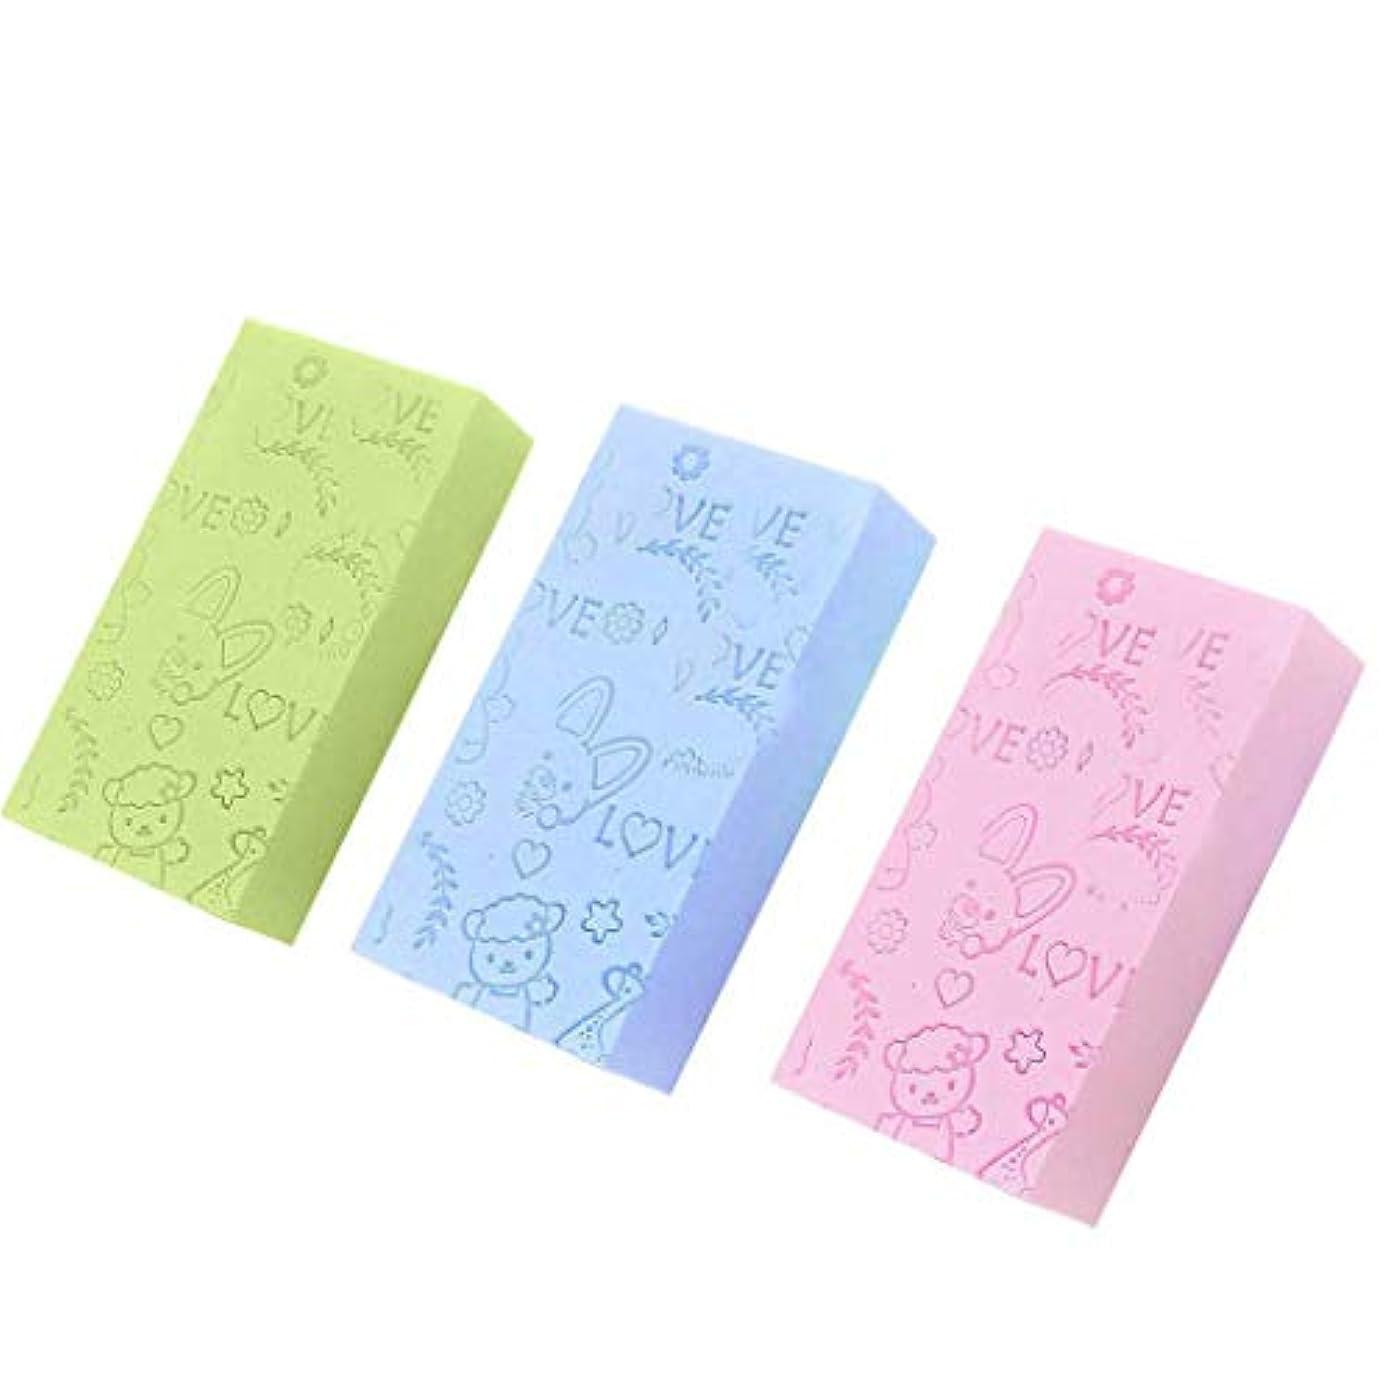 聞きます一部保証ZooArts 垢すりスポンジ ボディスポンジ ベビー 3枚セット シャワースポンジ 毛穴清潔 角質除去 血行促進 柔らかい 肌に優しい 入浴用品 バス用品 お風呂用 子供/大人兼用 Ultra Soft Exfoliating Sponge Shower Brush